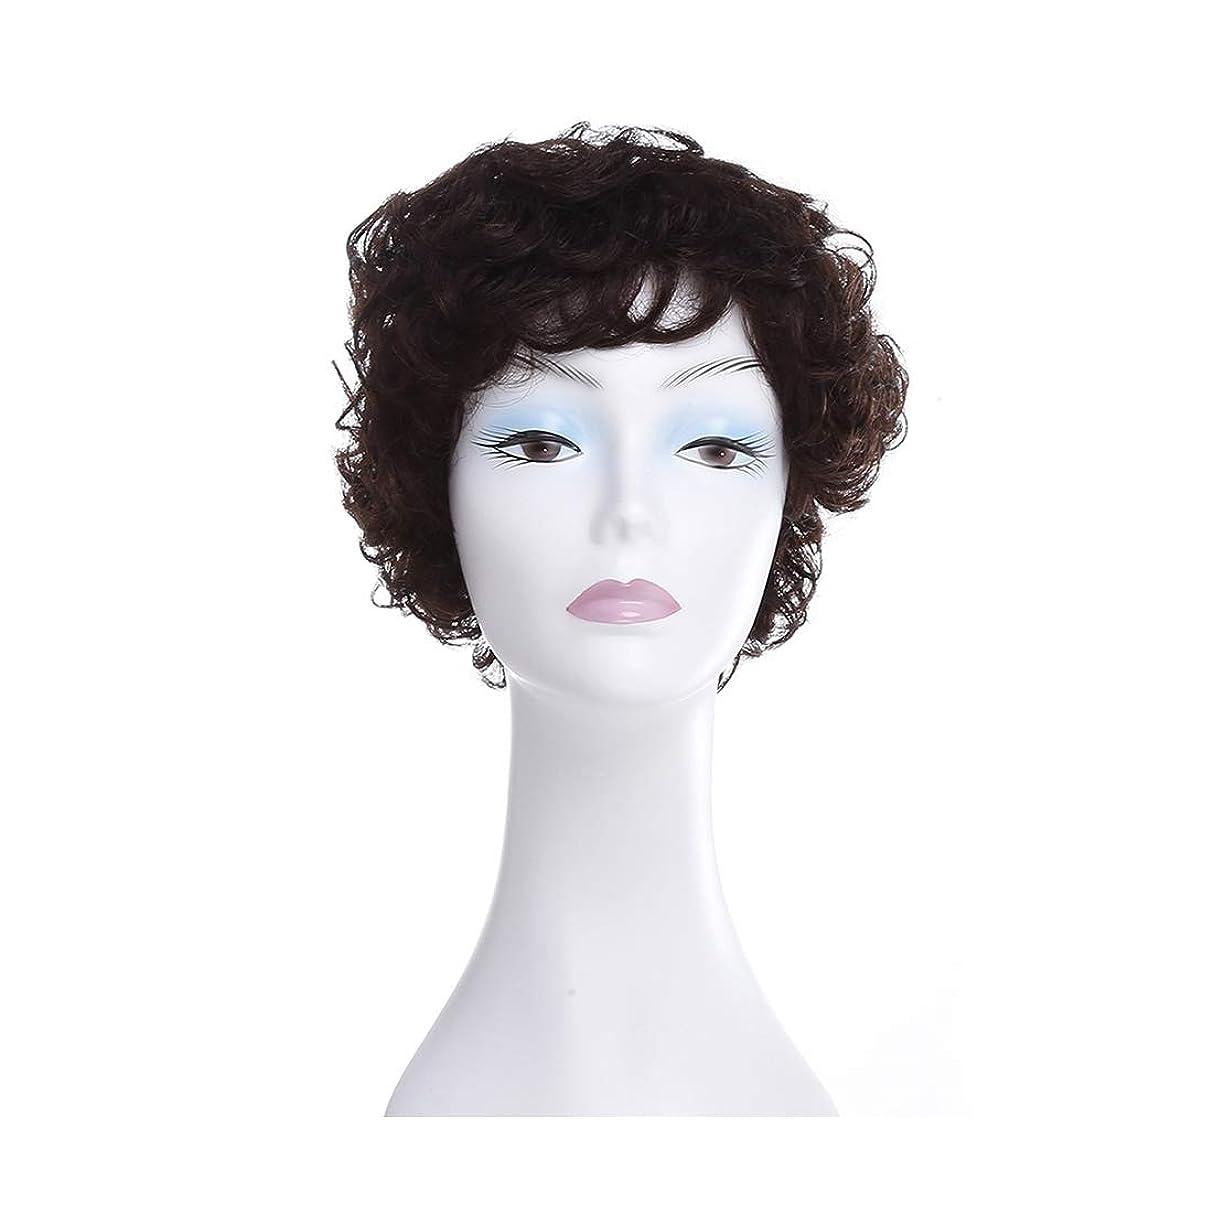 ディプロマ息切れ起こるJIANFU 中高年の老人の女性の髪型フル帽子ふわふわの短い髪のかつら (Color : Natural black)